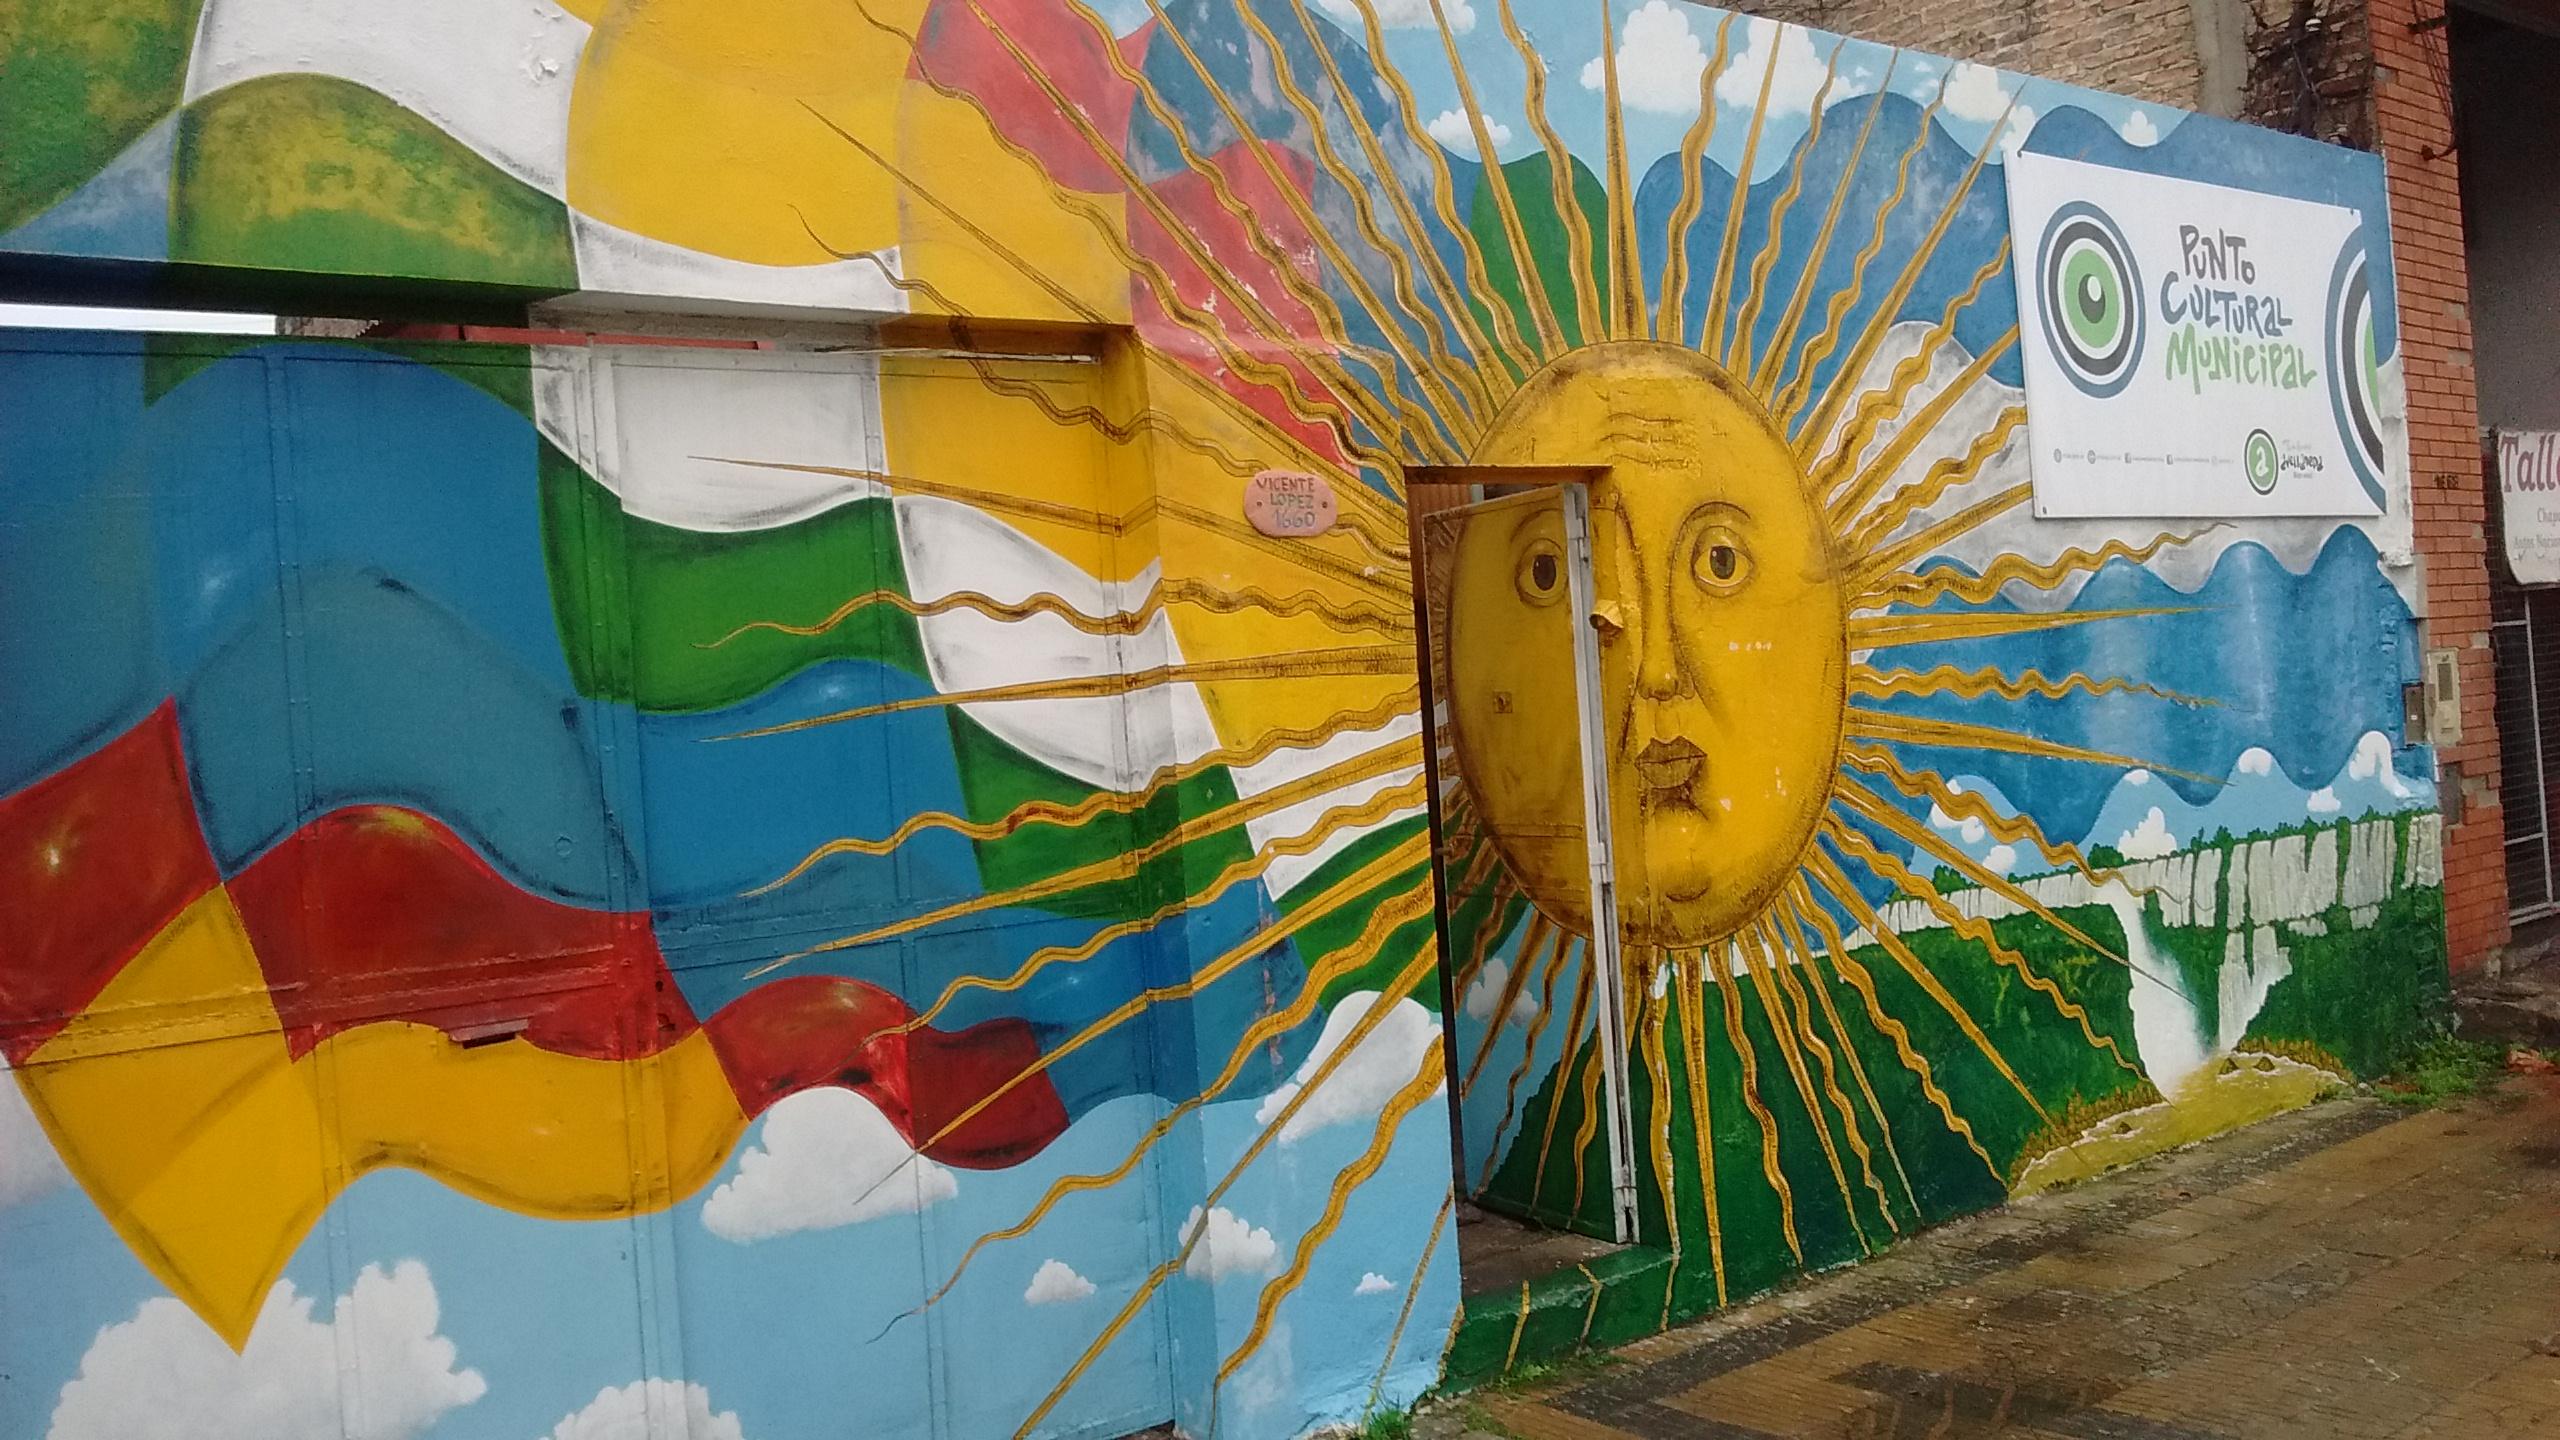 Entrada del Centro cultural Nueva Esperanza - Centro Cultural Nueva Esperanza